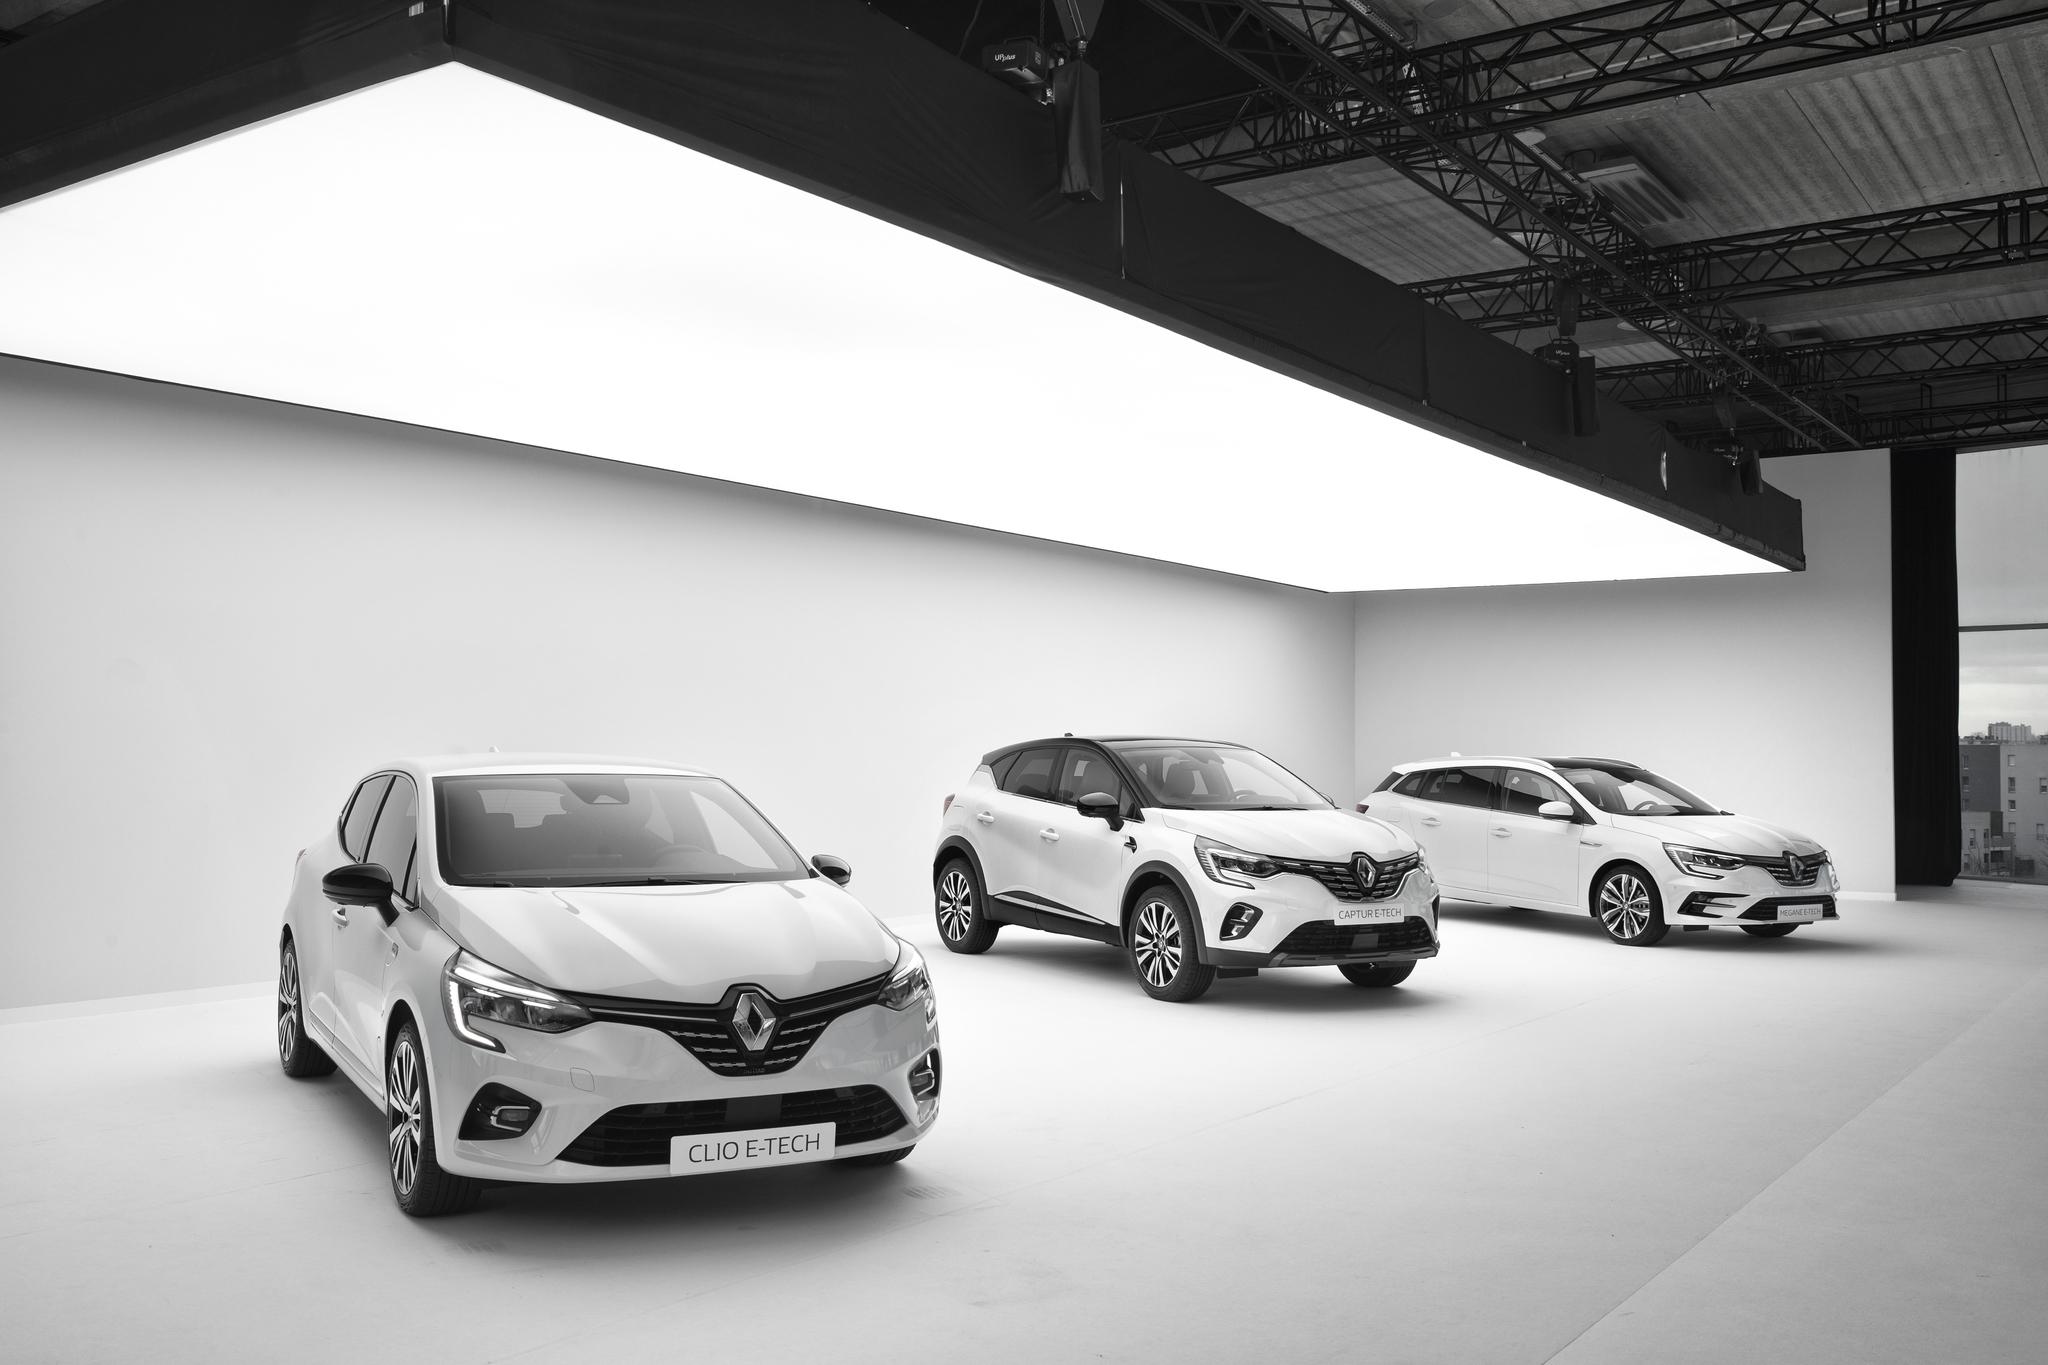 La gama electrificada (E-Tech) de Renault, con el Clio, el Captur y el Mégane.